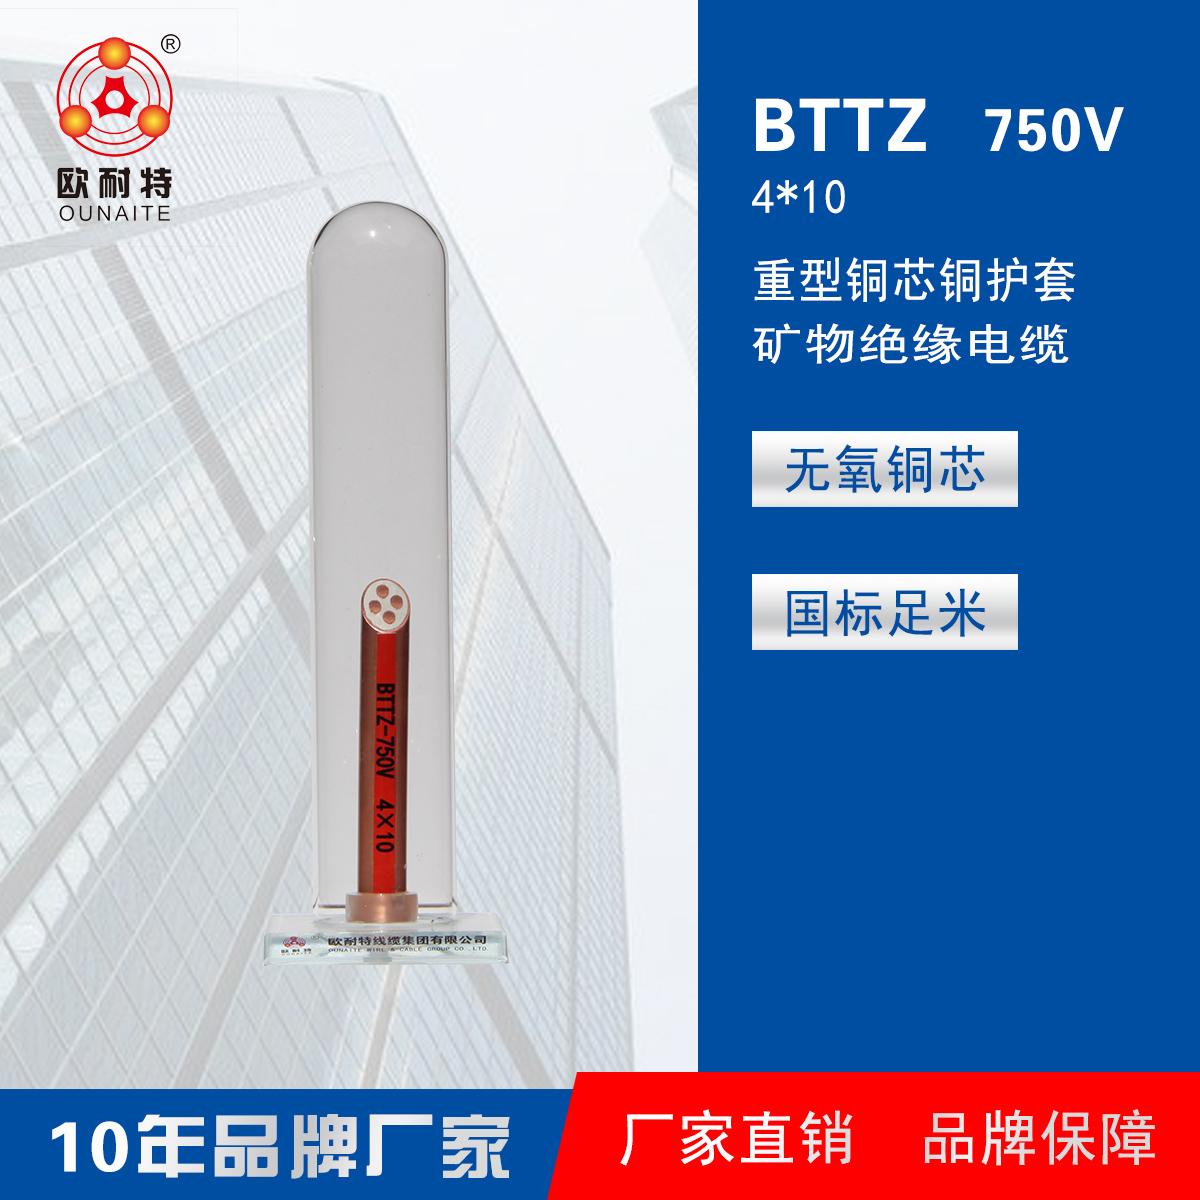 矿物绝缘电缆BTTZ 750V 4*10